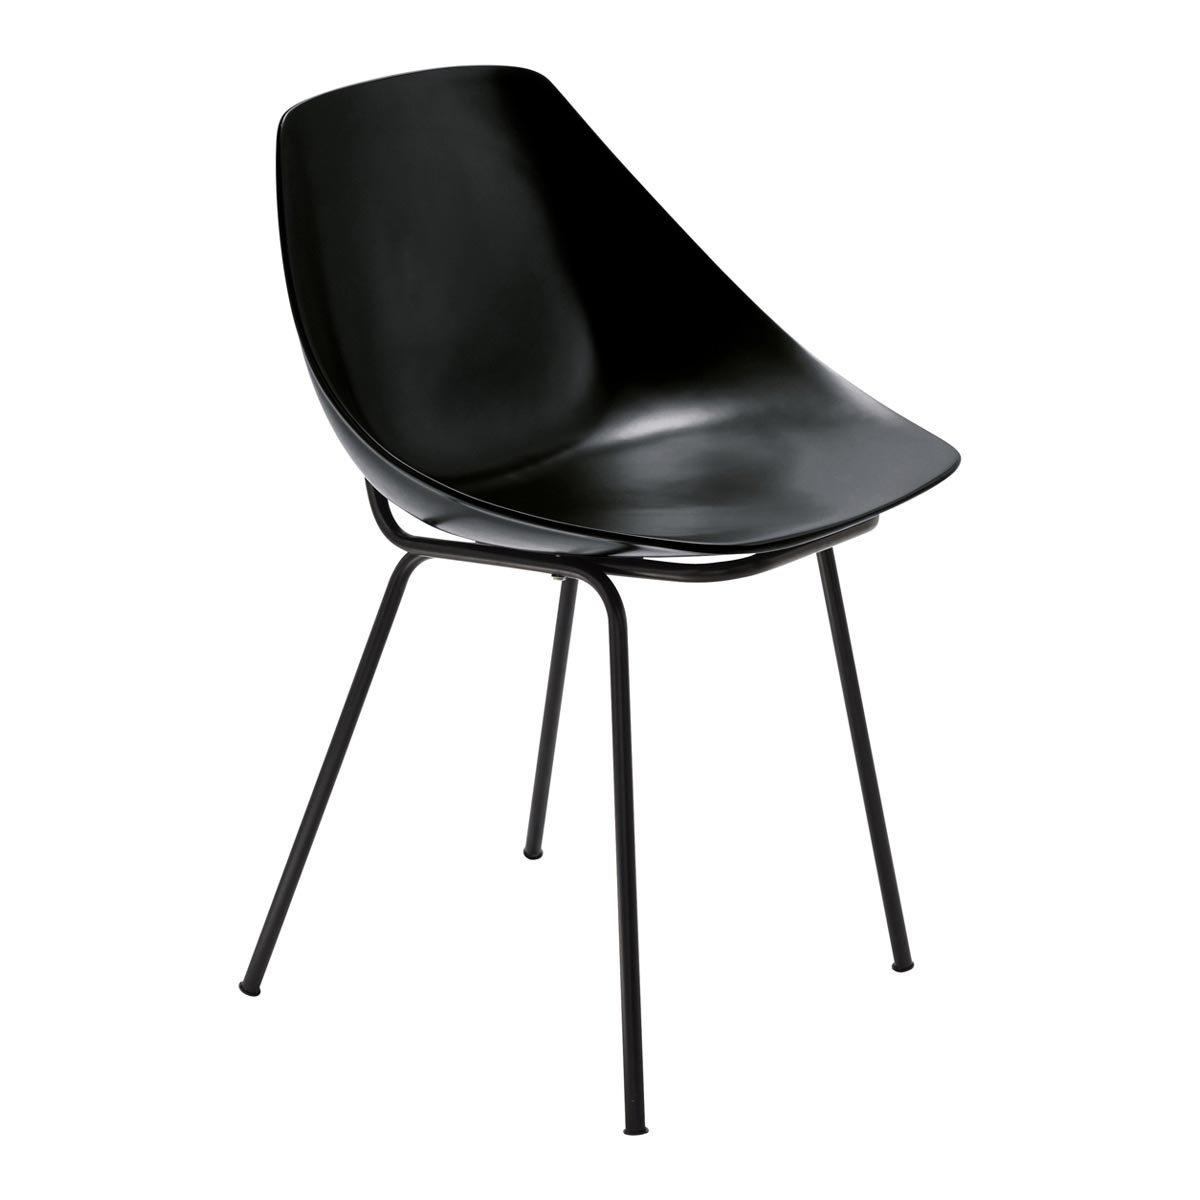 Jeu concours une chaise coquillage de pierre guariche par maisons du monde - Chaises maison du monde occasion ...